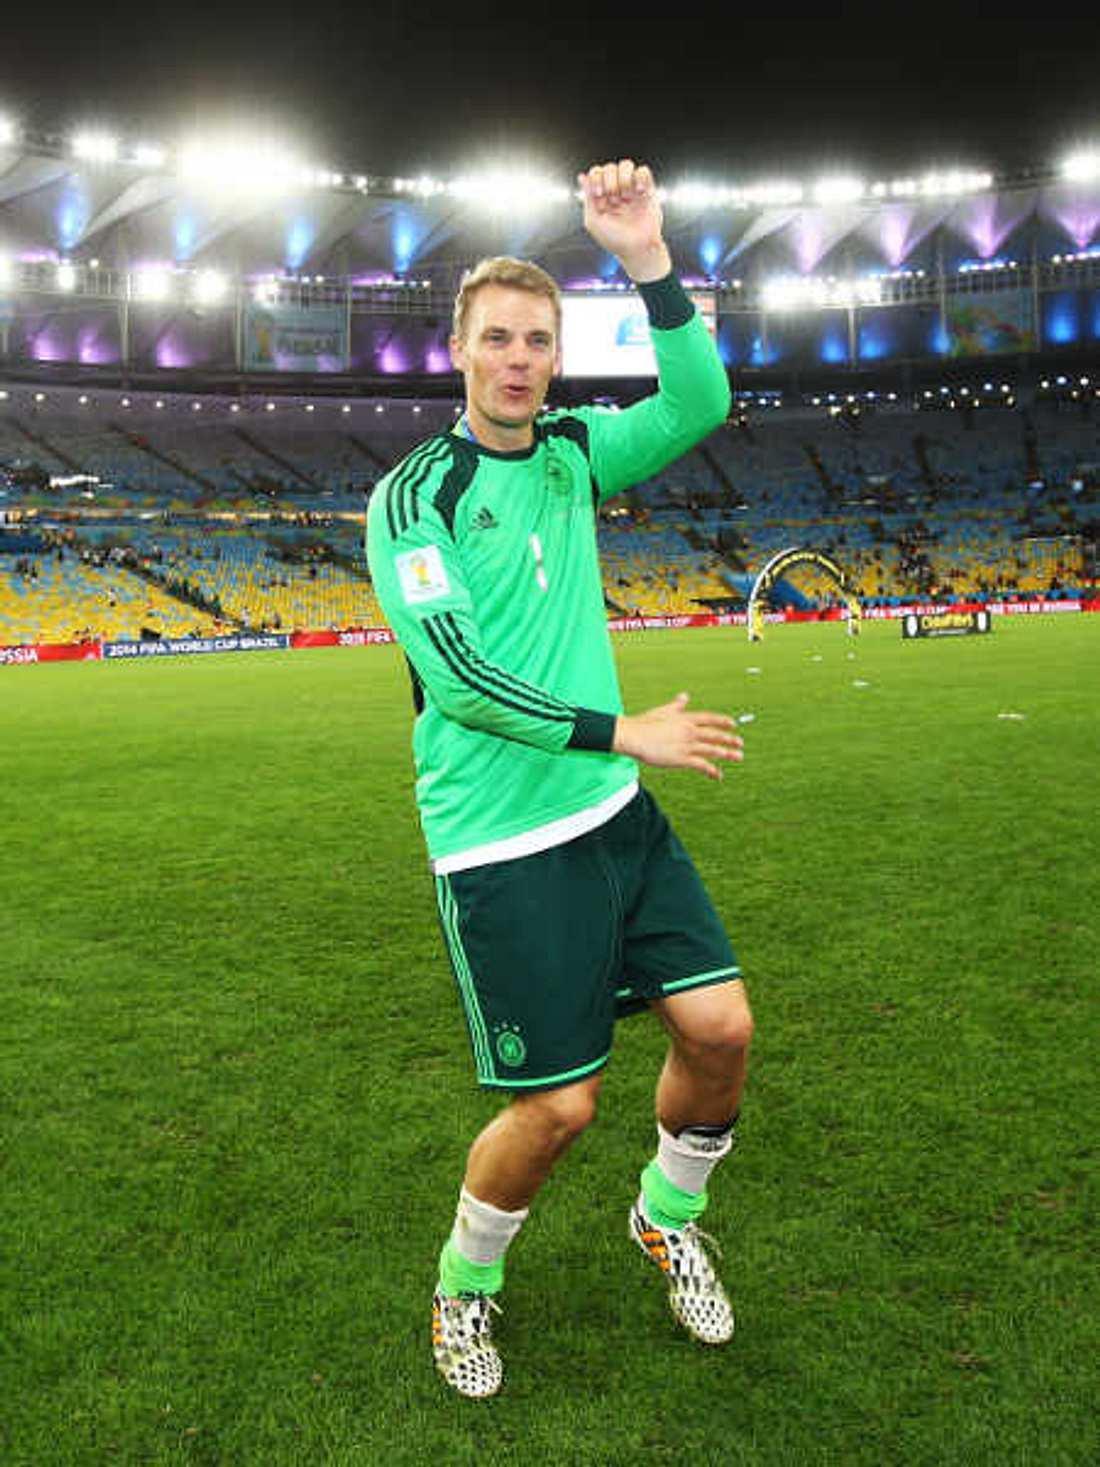 WM 2014: Manuel Neuer ist der Superstar!